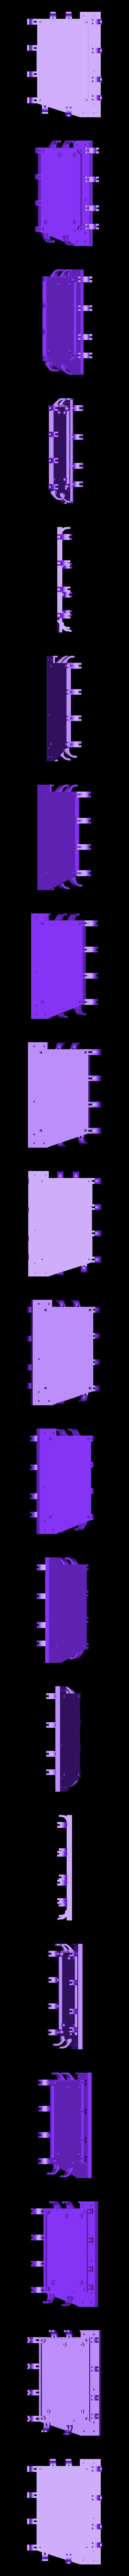 RUMBA_halterung_boden.stl Télécharger fichier STL gratuit Etui à Rumba pour Prusa i3 Hephestos • Modèle pour imprimante 3D, Rusichar